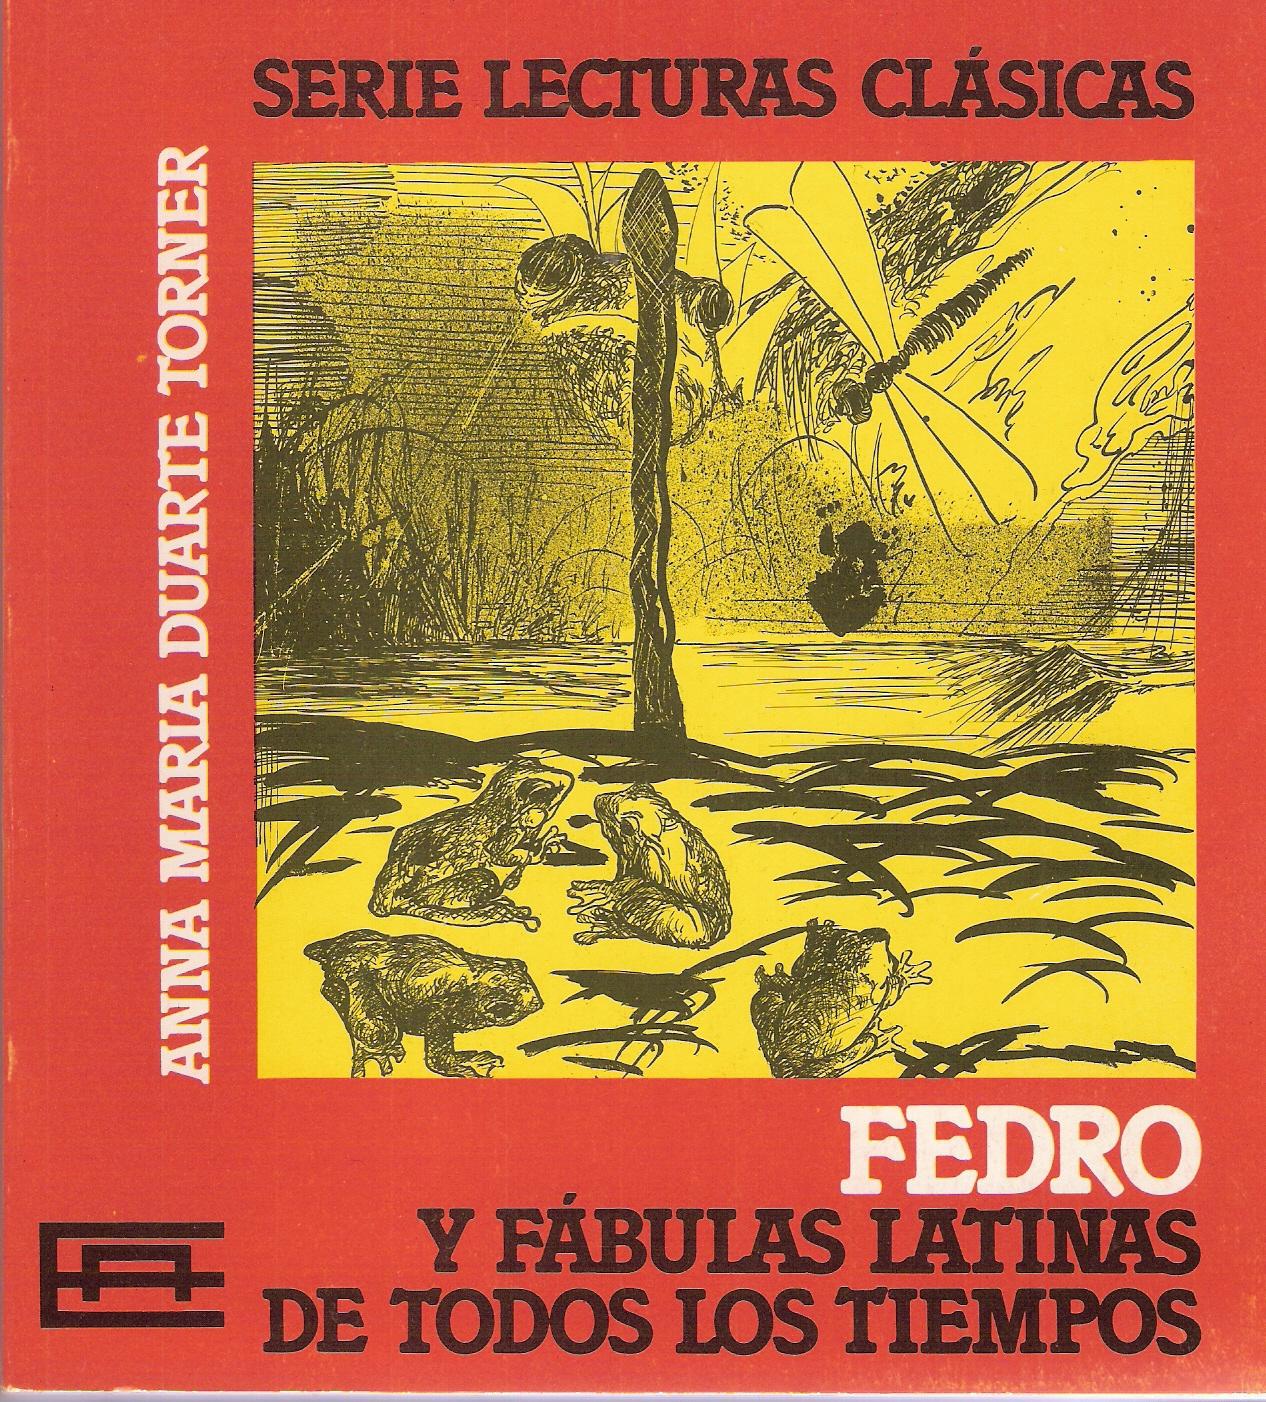 Fedro y fábulas latinas de todos tiempos